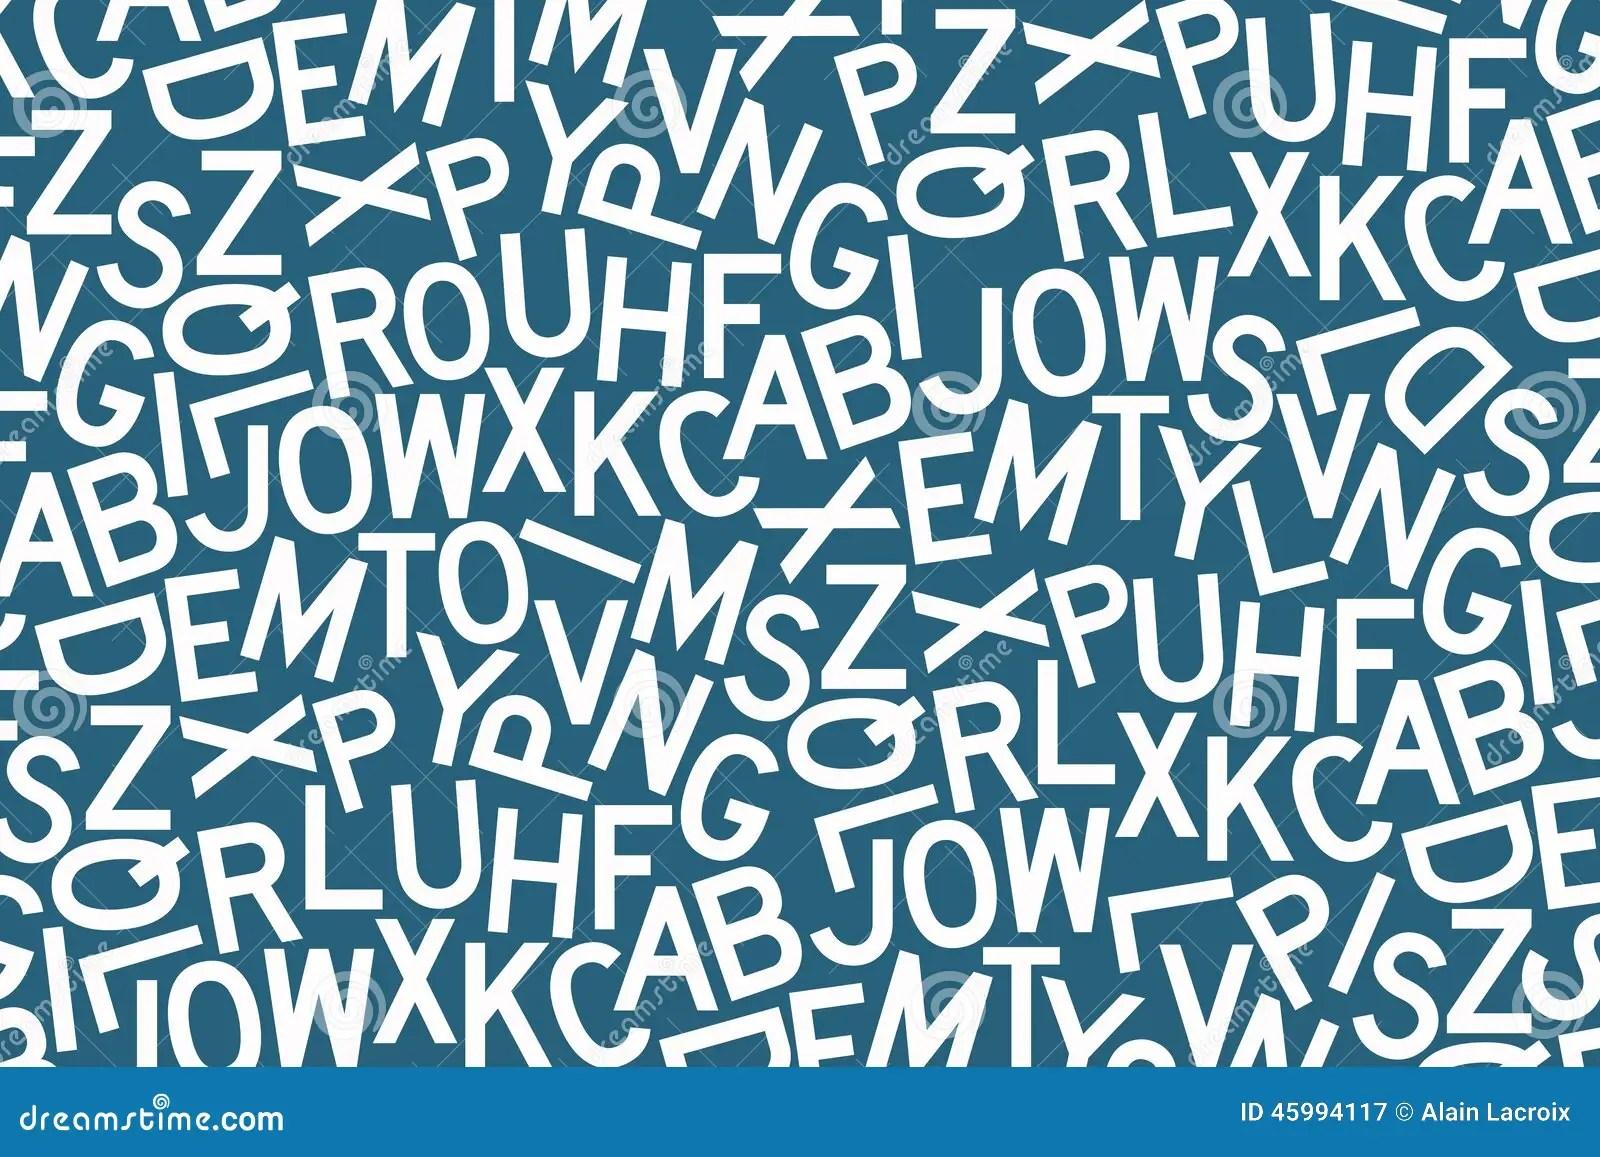 Alphabet Stock Illustration Illustration Of Written